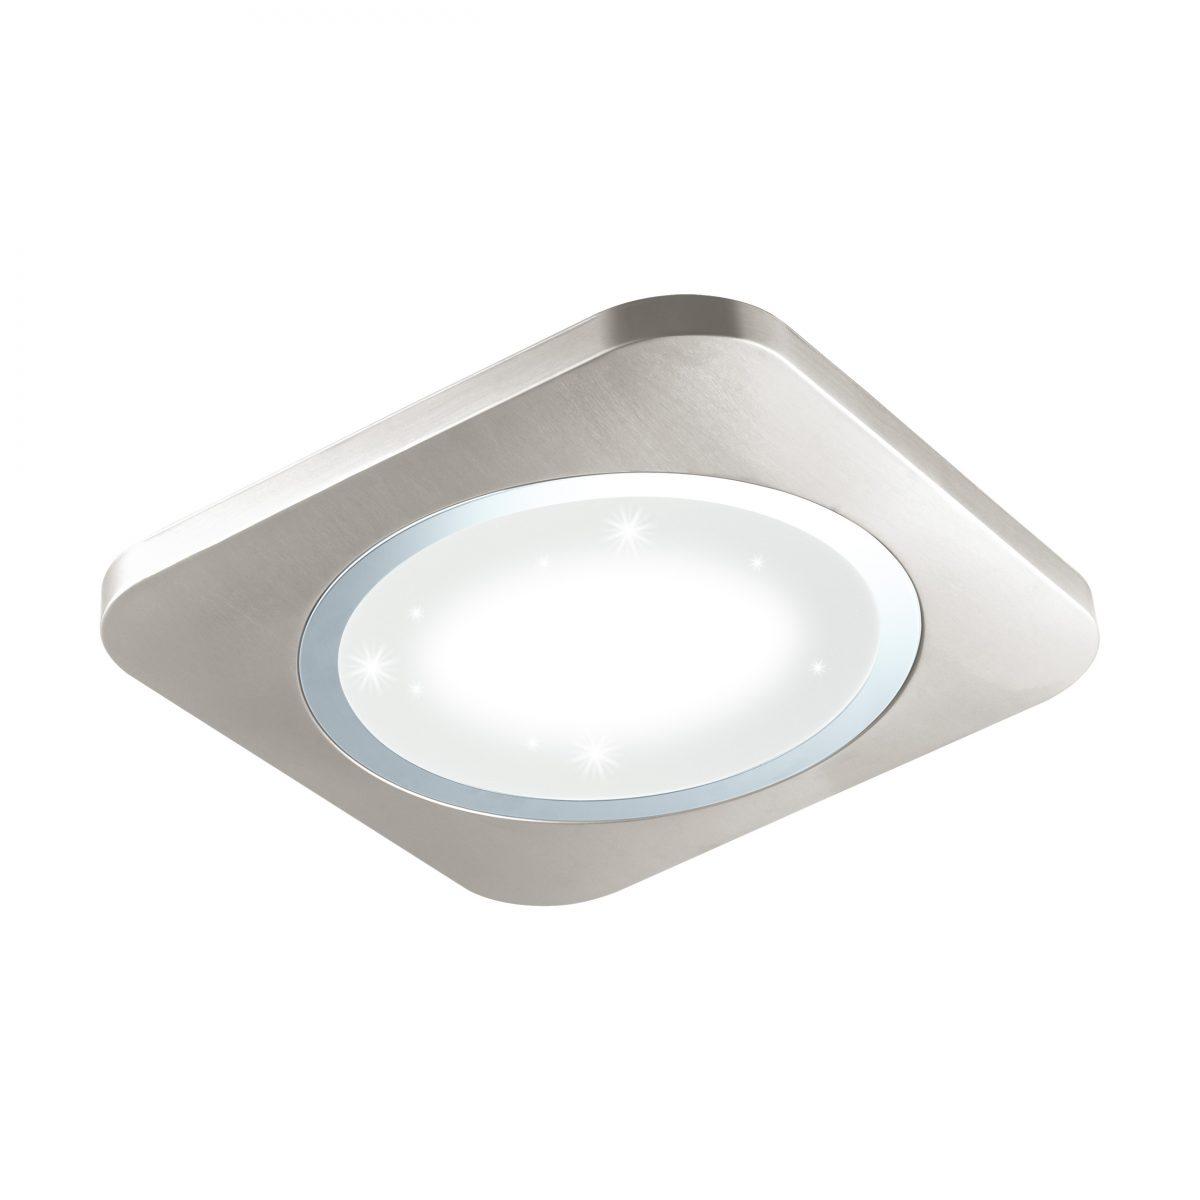 Светильник настенно-потолочный PUYO-S EGLO 97664 - Фото №28